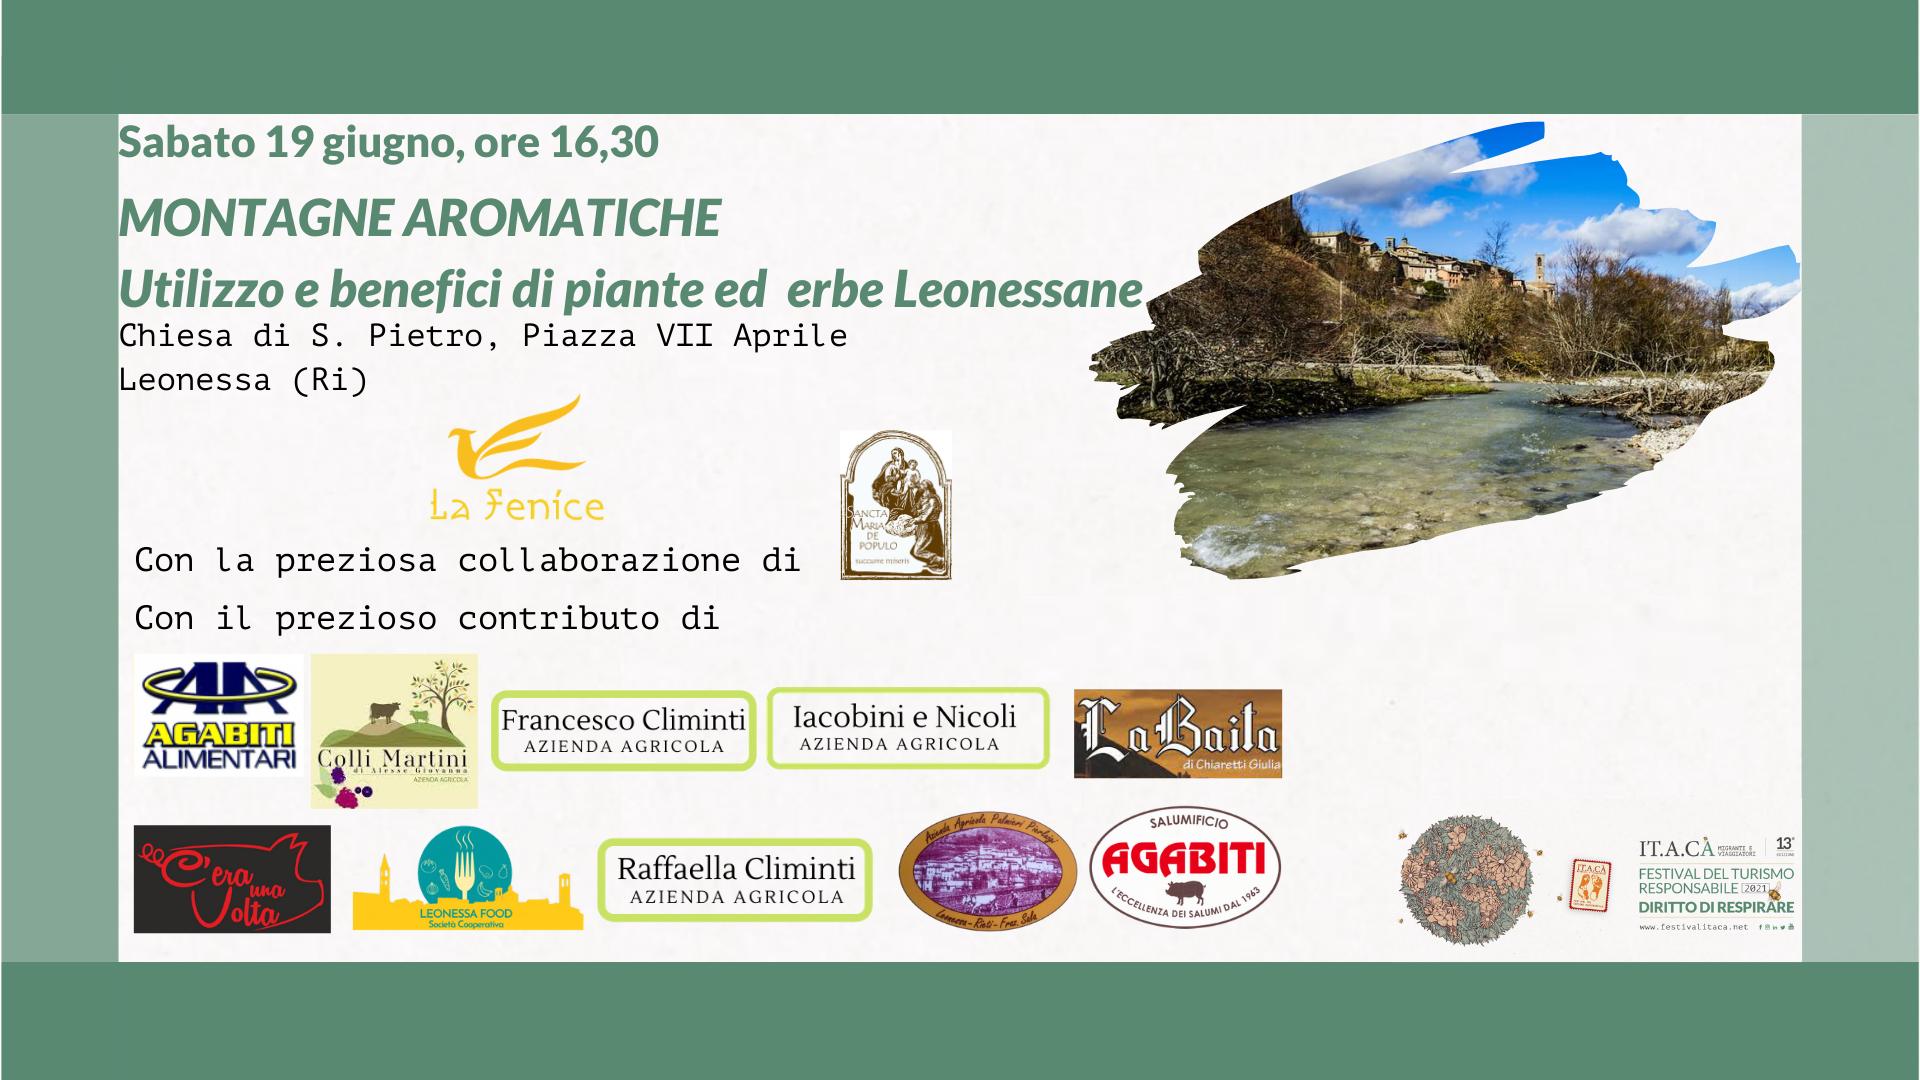 Montagne aromatiche: utilizzo e benefici di piante ed erbe Leonessane - eventi in sabina